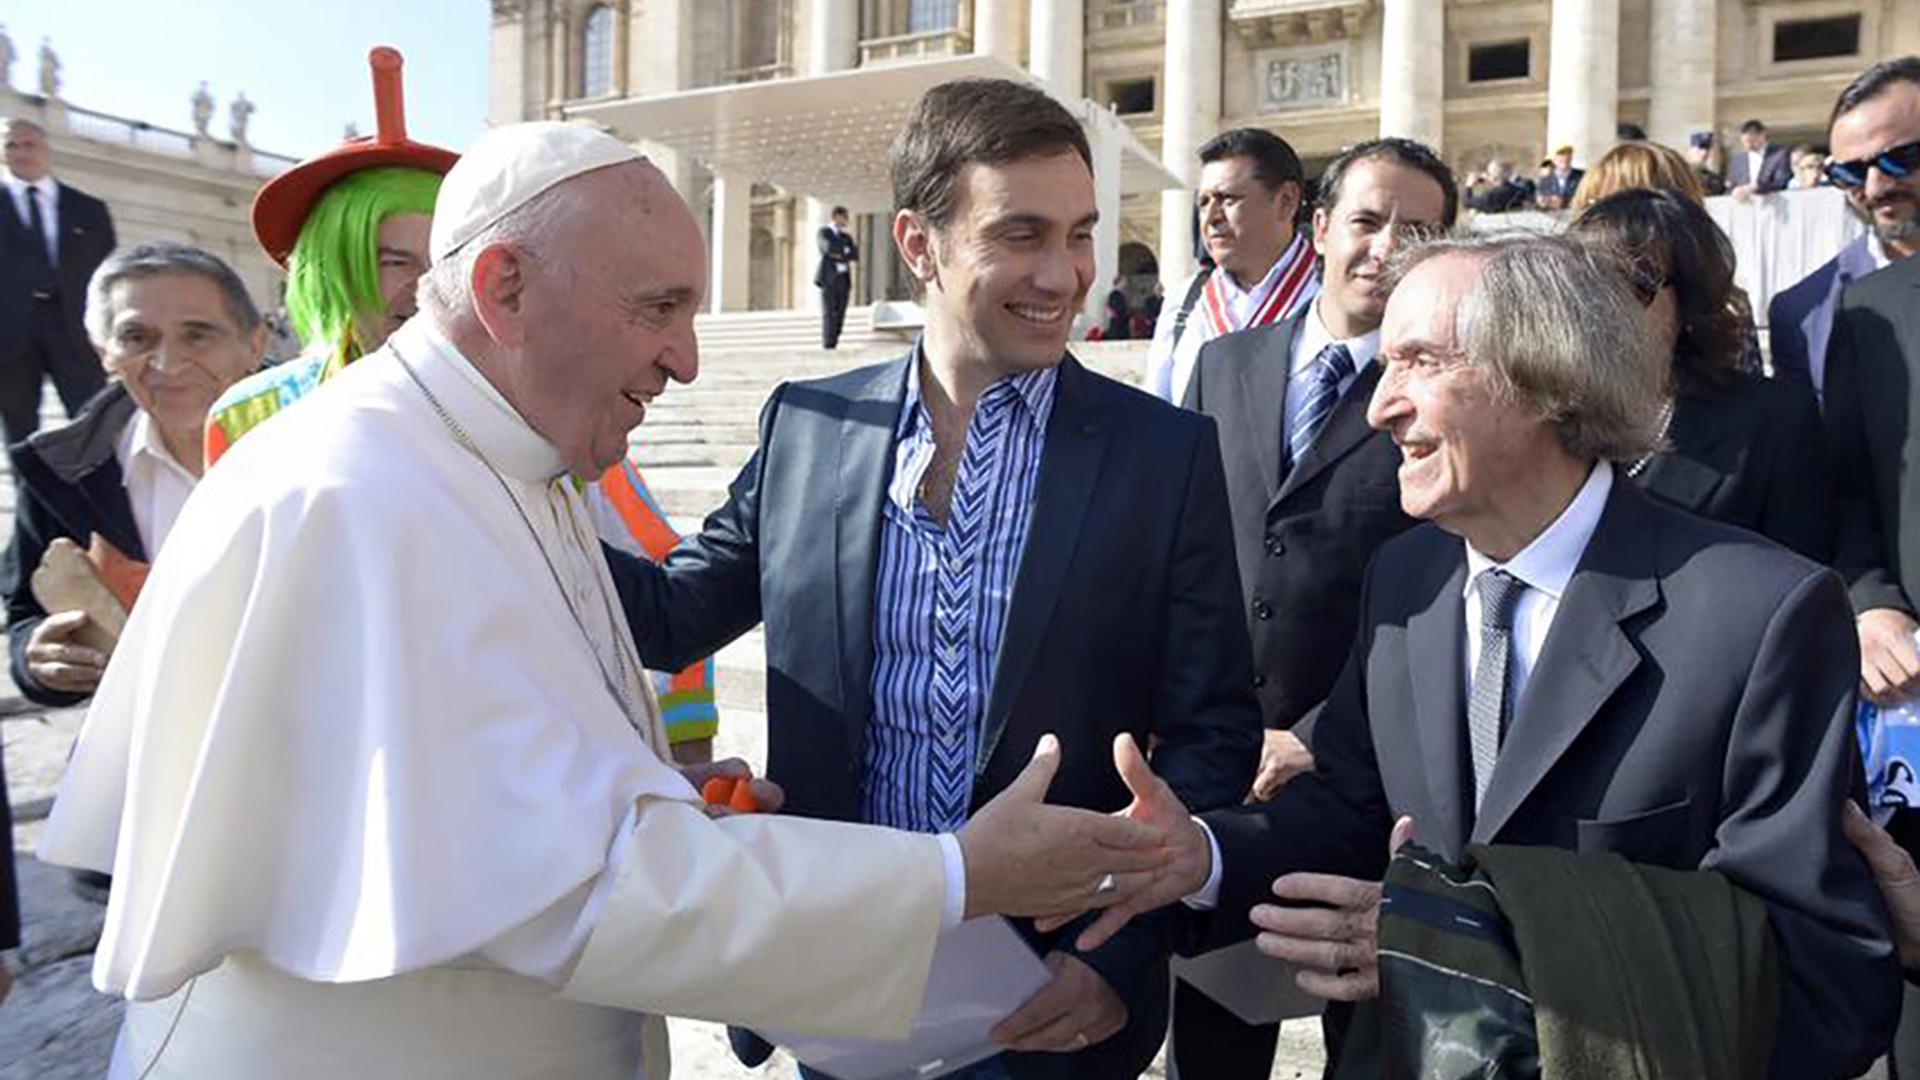 Carlitos viajó a Roma para tener un encuentro con el Papa Francisco en noviembre de 2016 (NA)